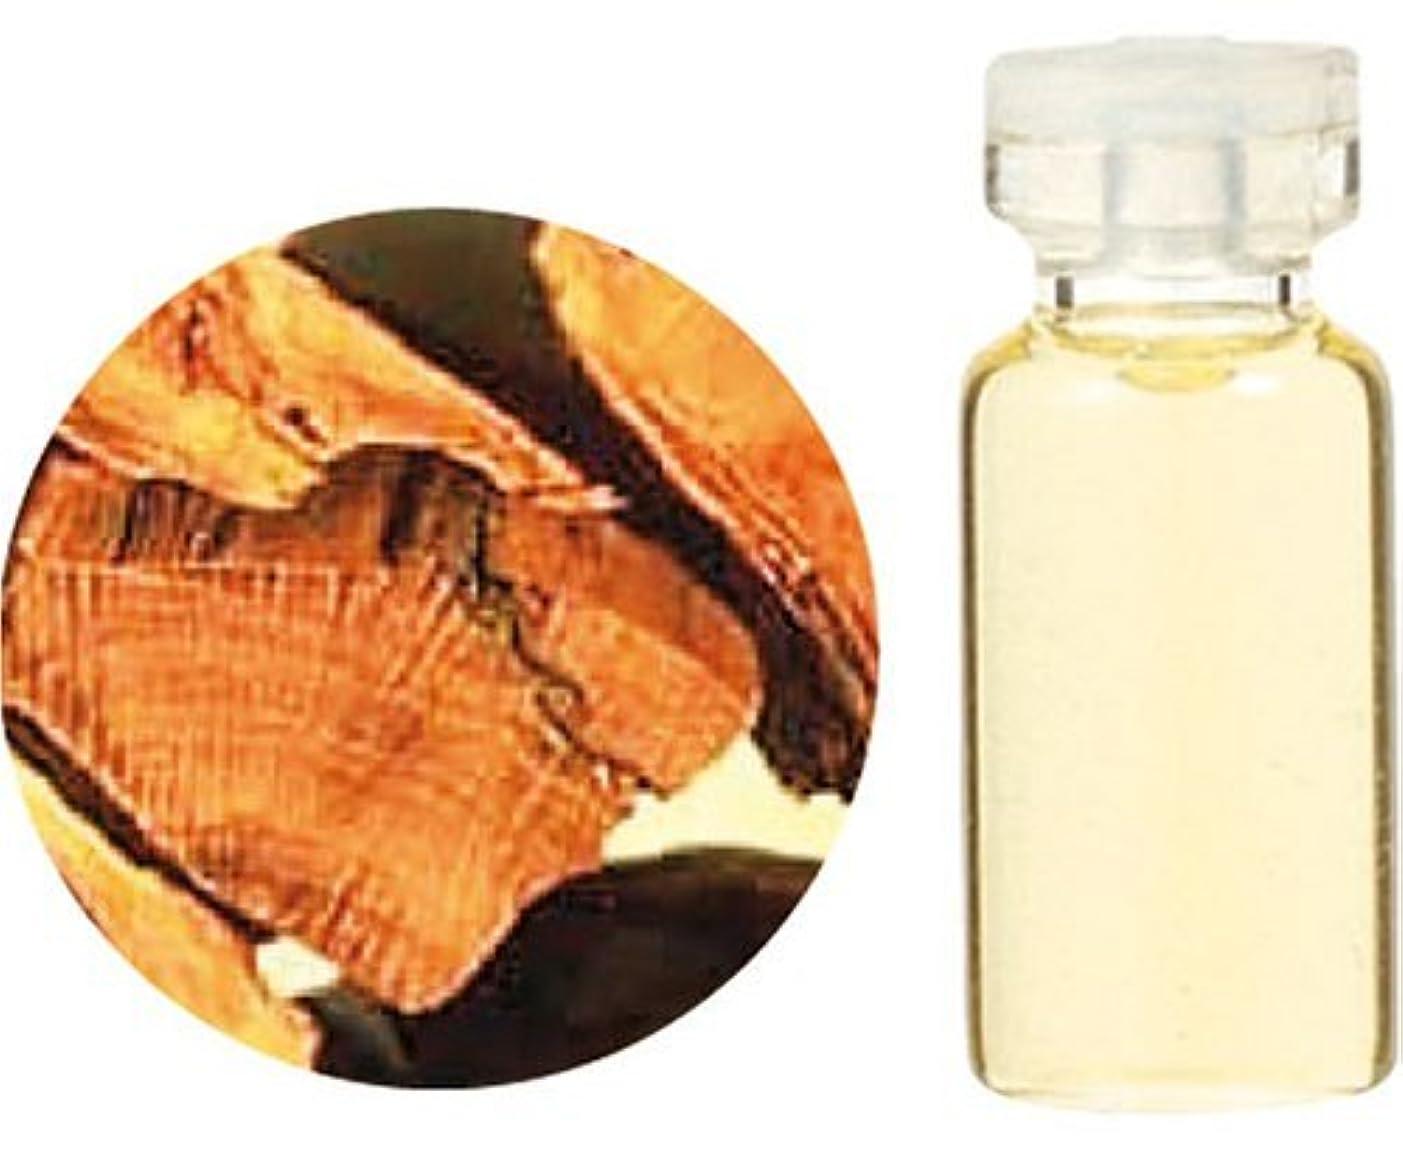 キャンベラツールぞっとするような生活の木 C サンダル ウッド エッセンシャルオイル 3ml